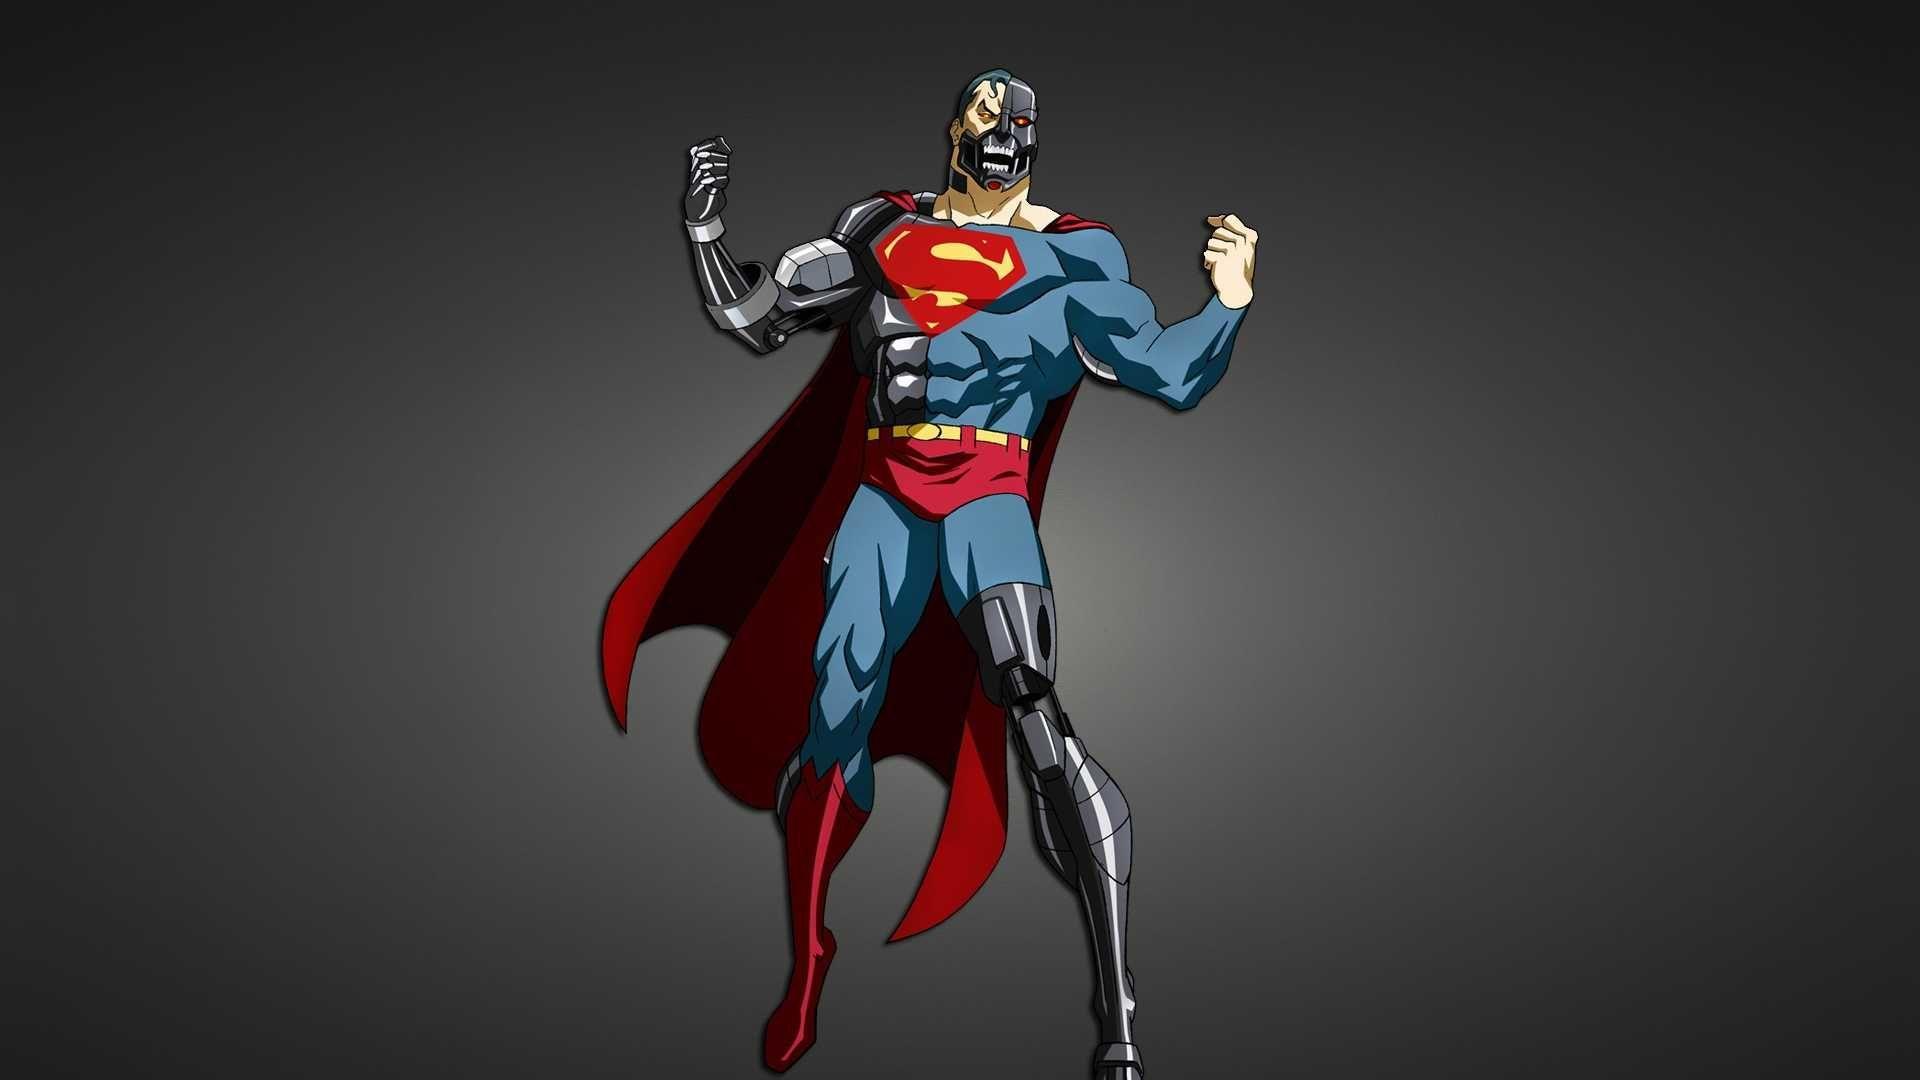 59 Best Free HD Superhero Wallpapers